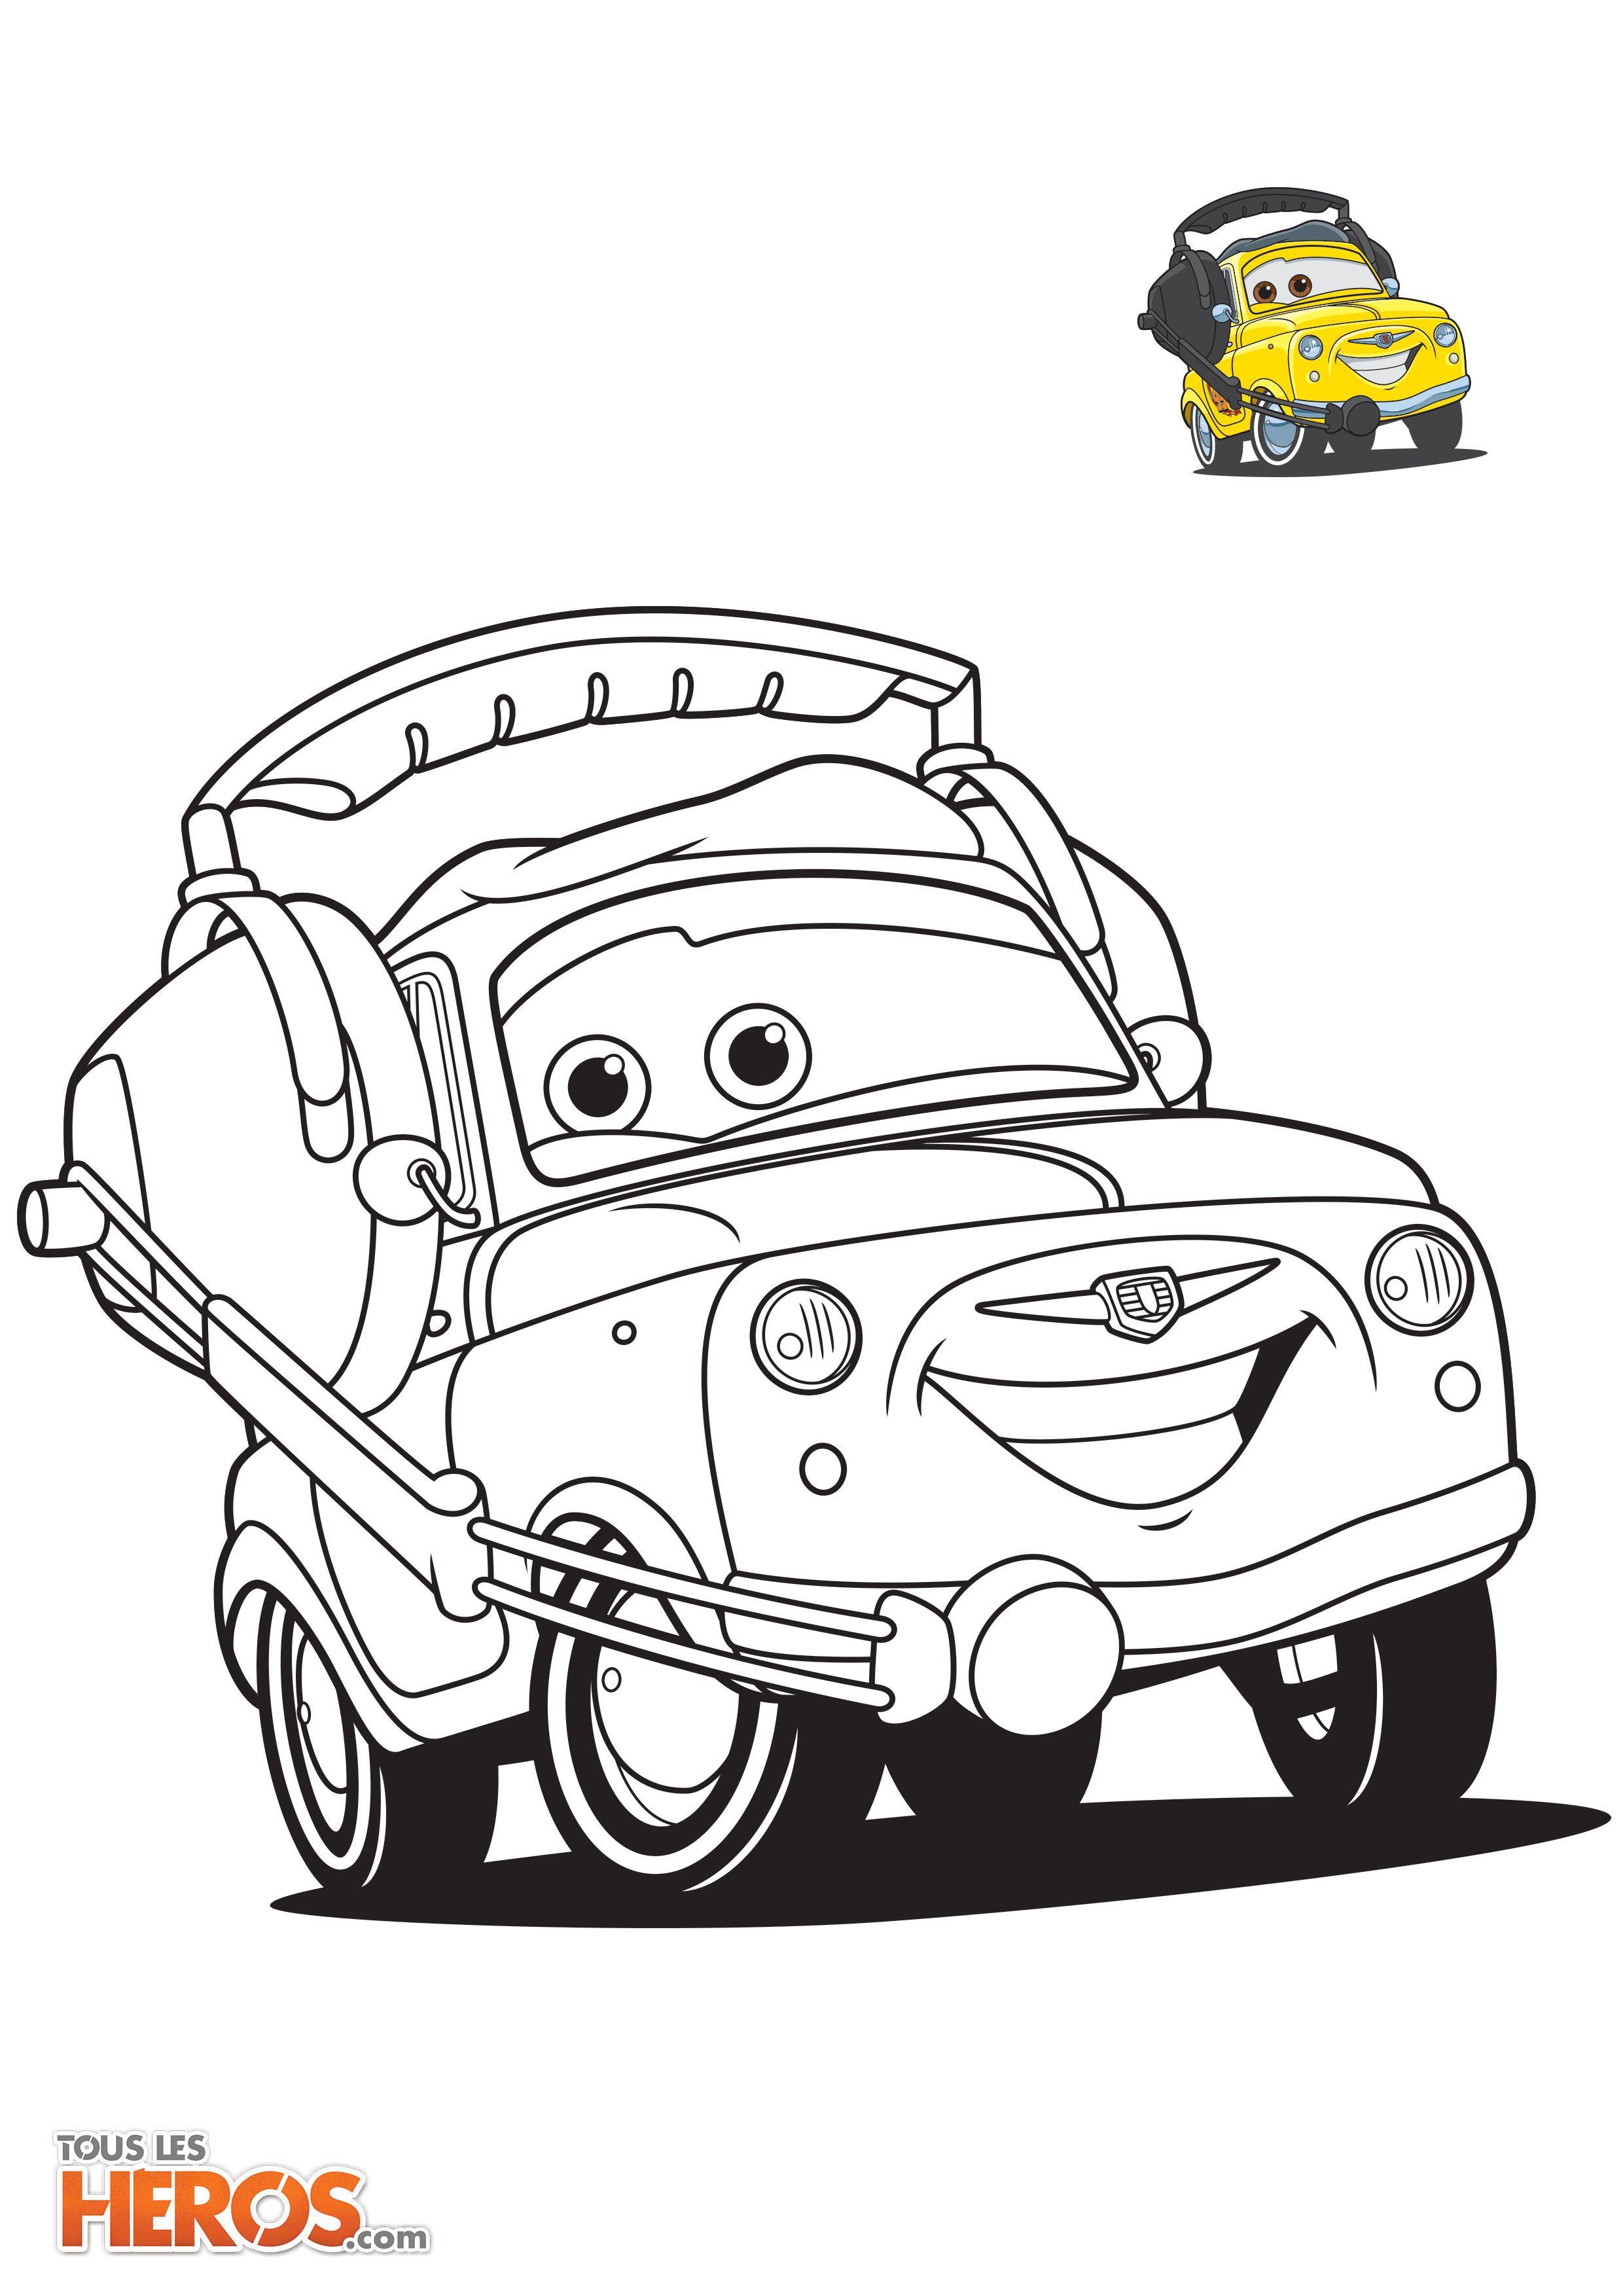 T l chargez les coloriages cars sur coloriages de tlh pinterest - Coloriage la cars ...